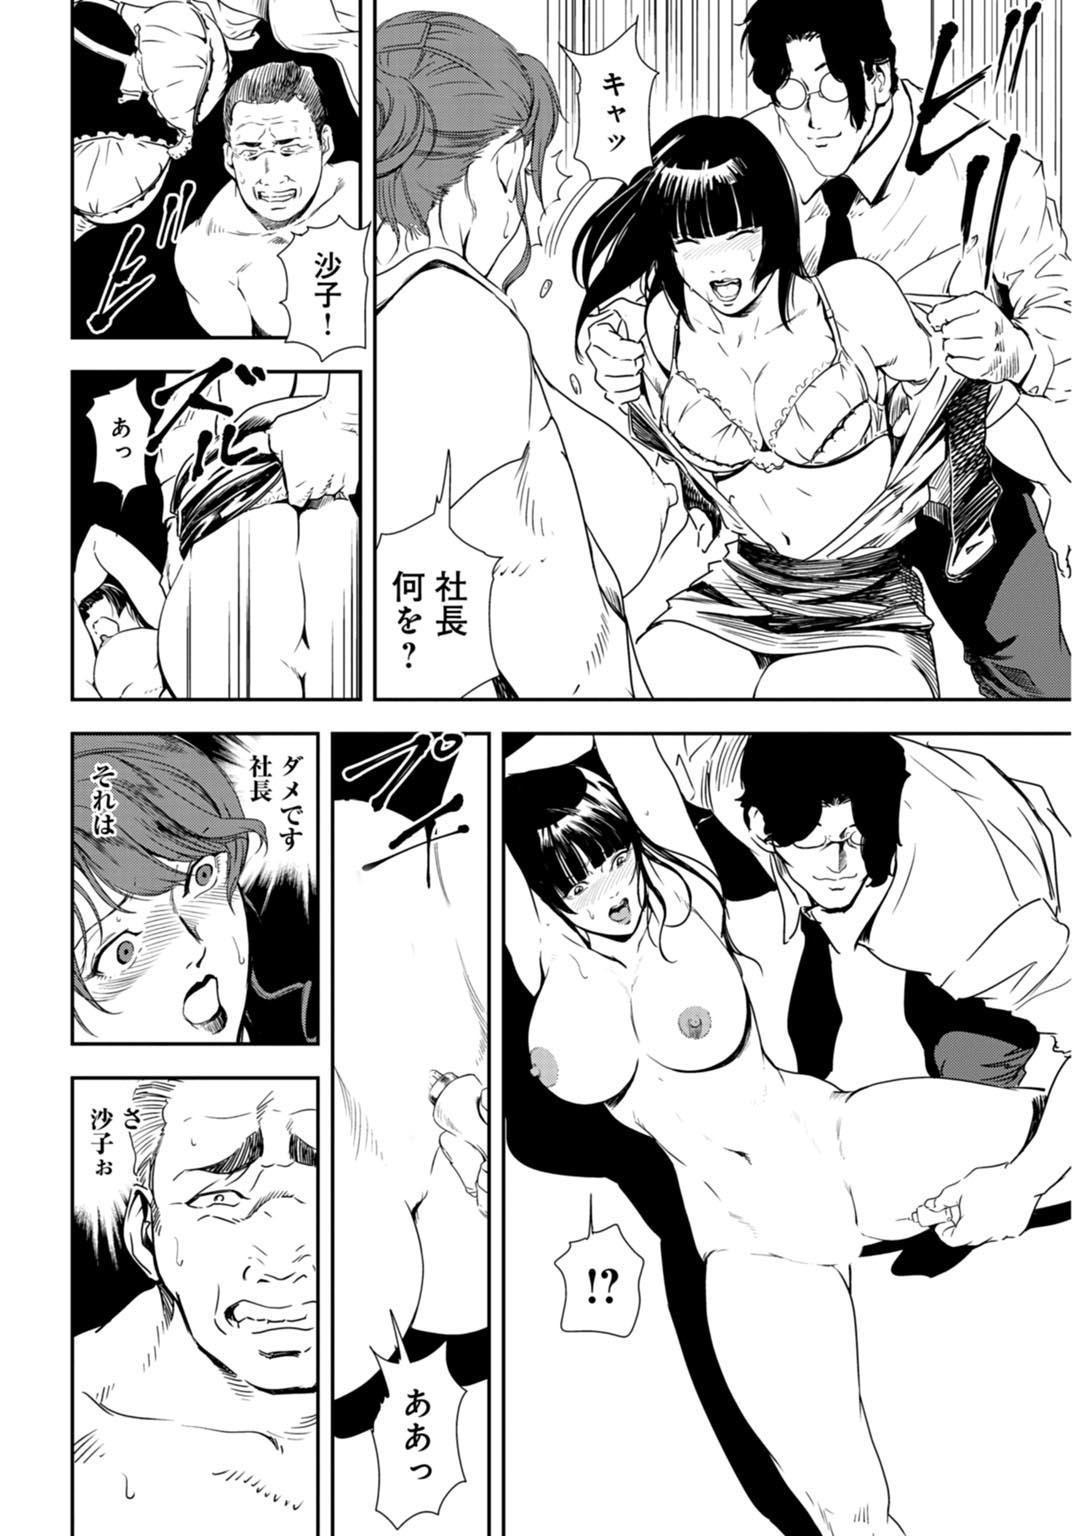 Nikuhisyo Yukiko 26 92